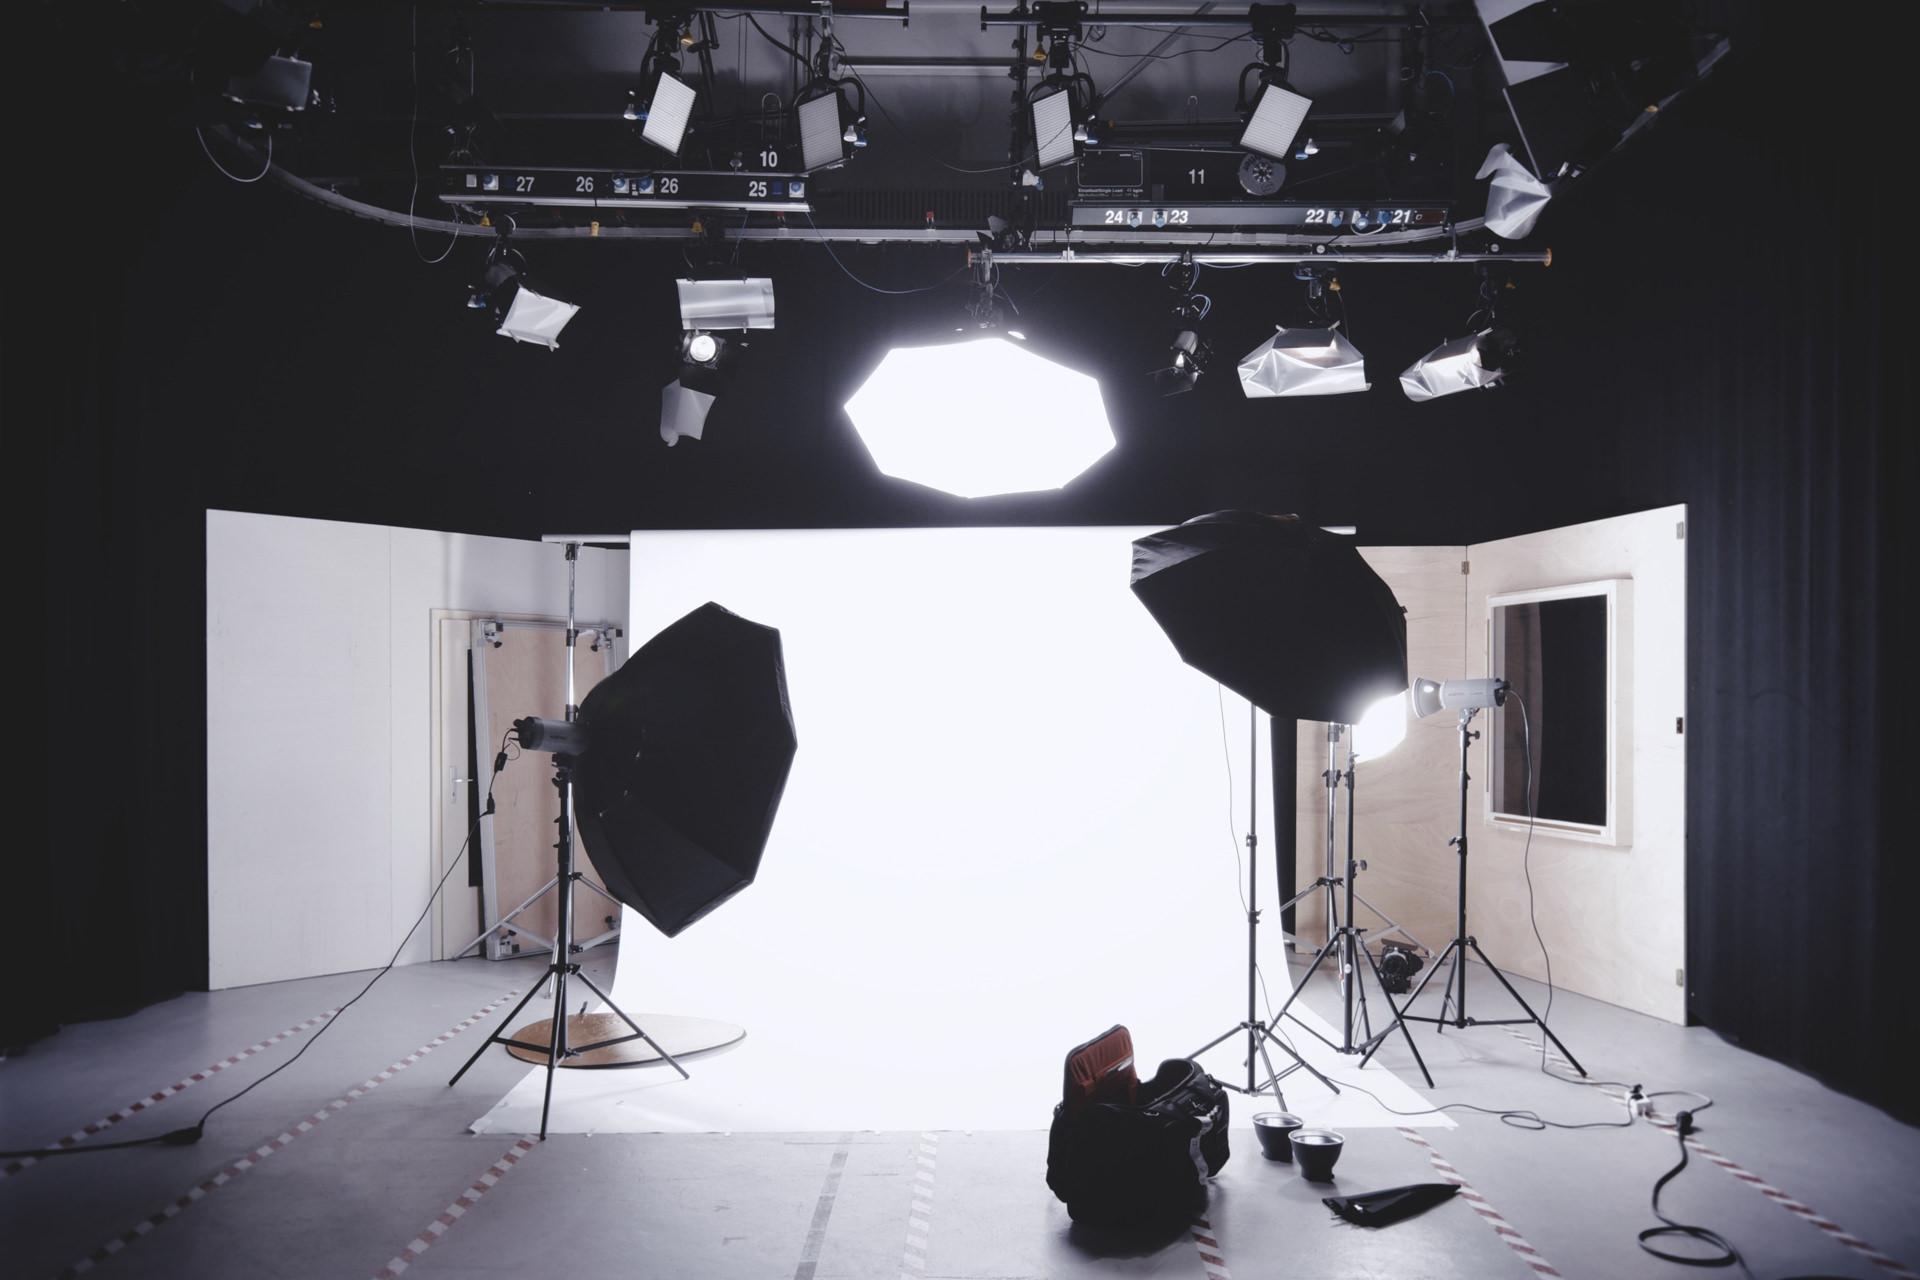 撮影スタジオのライティング機材